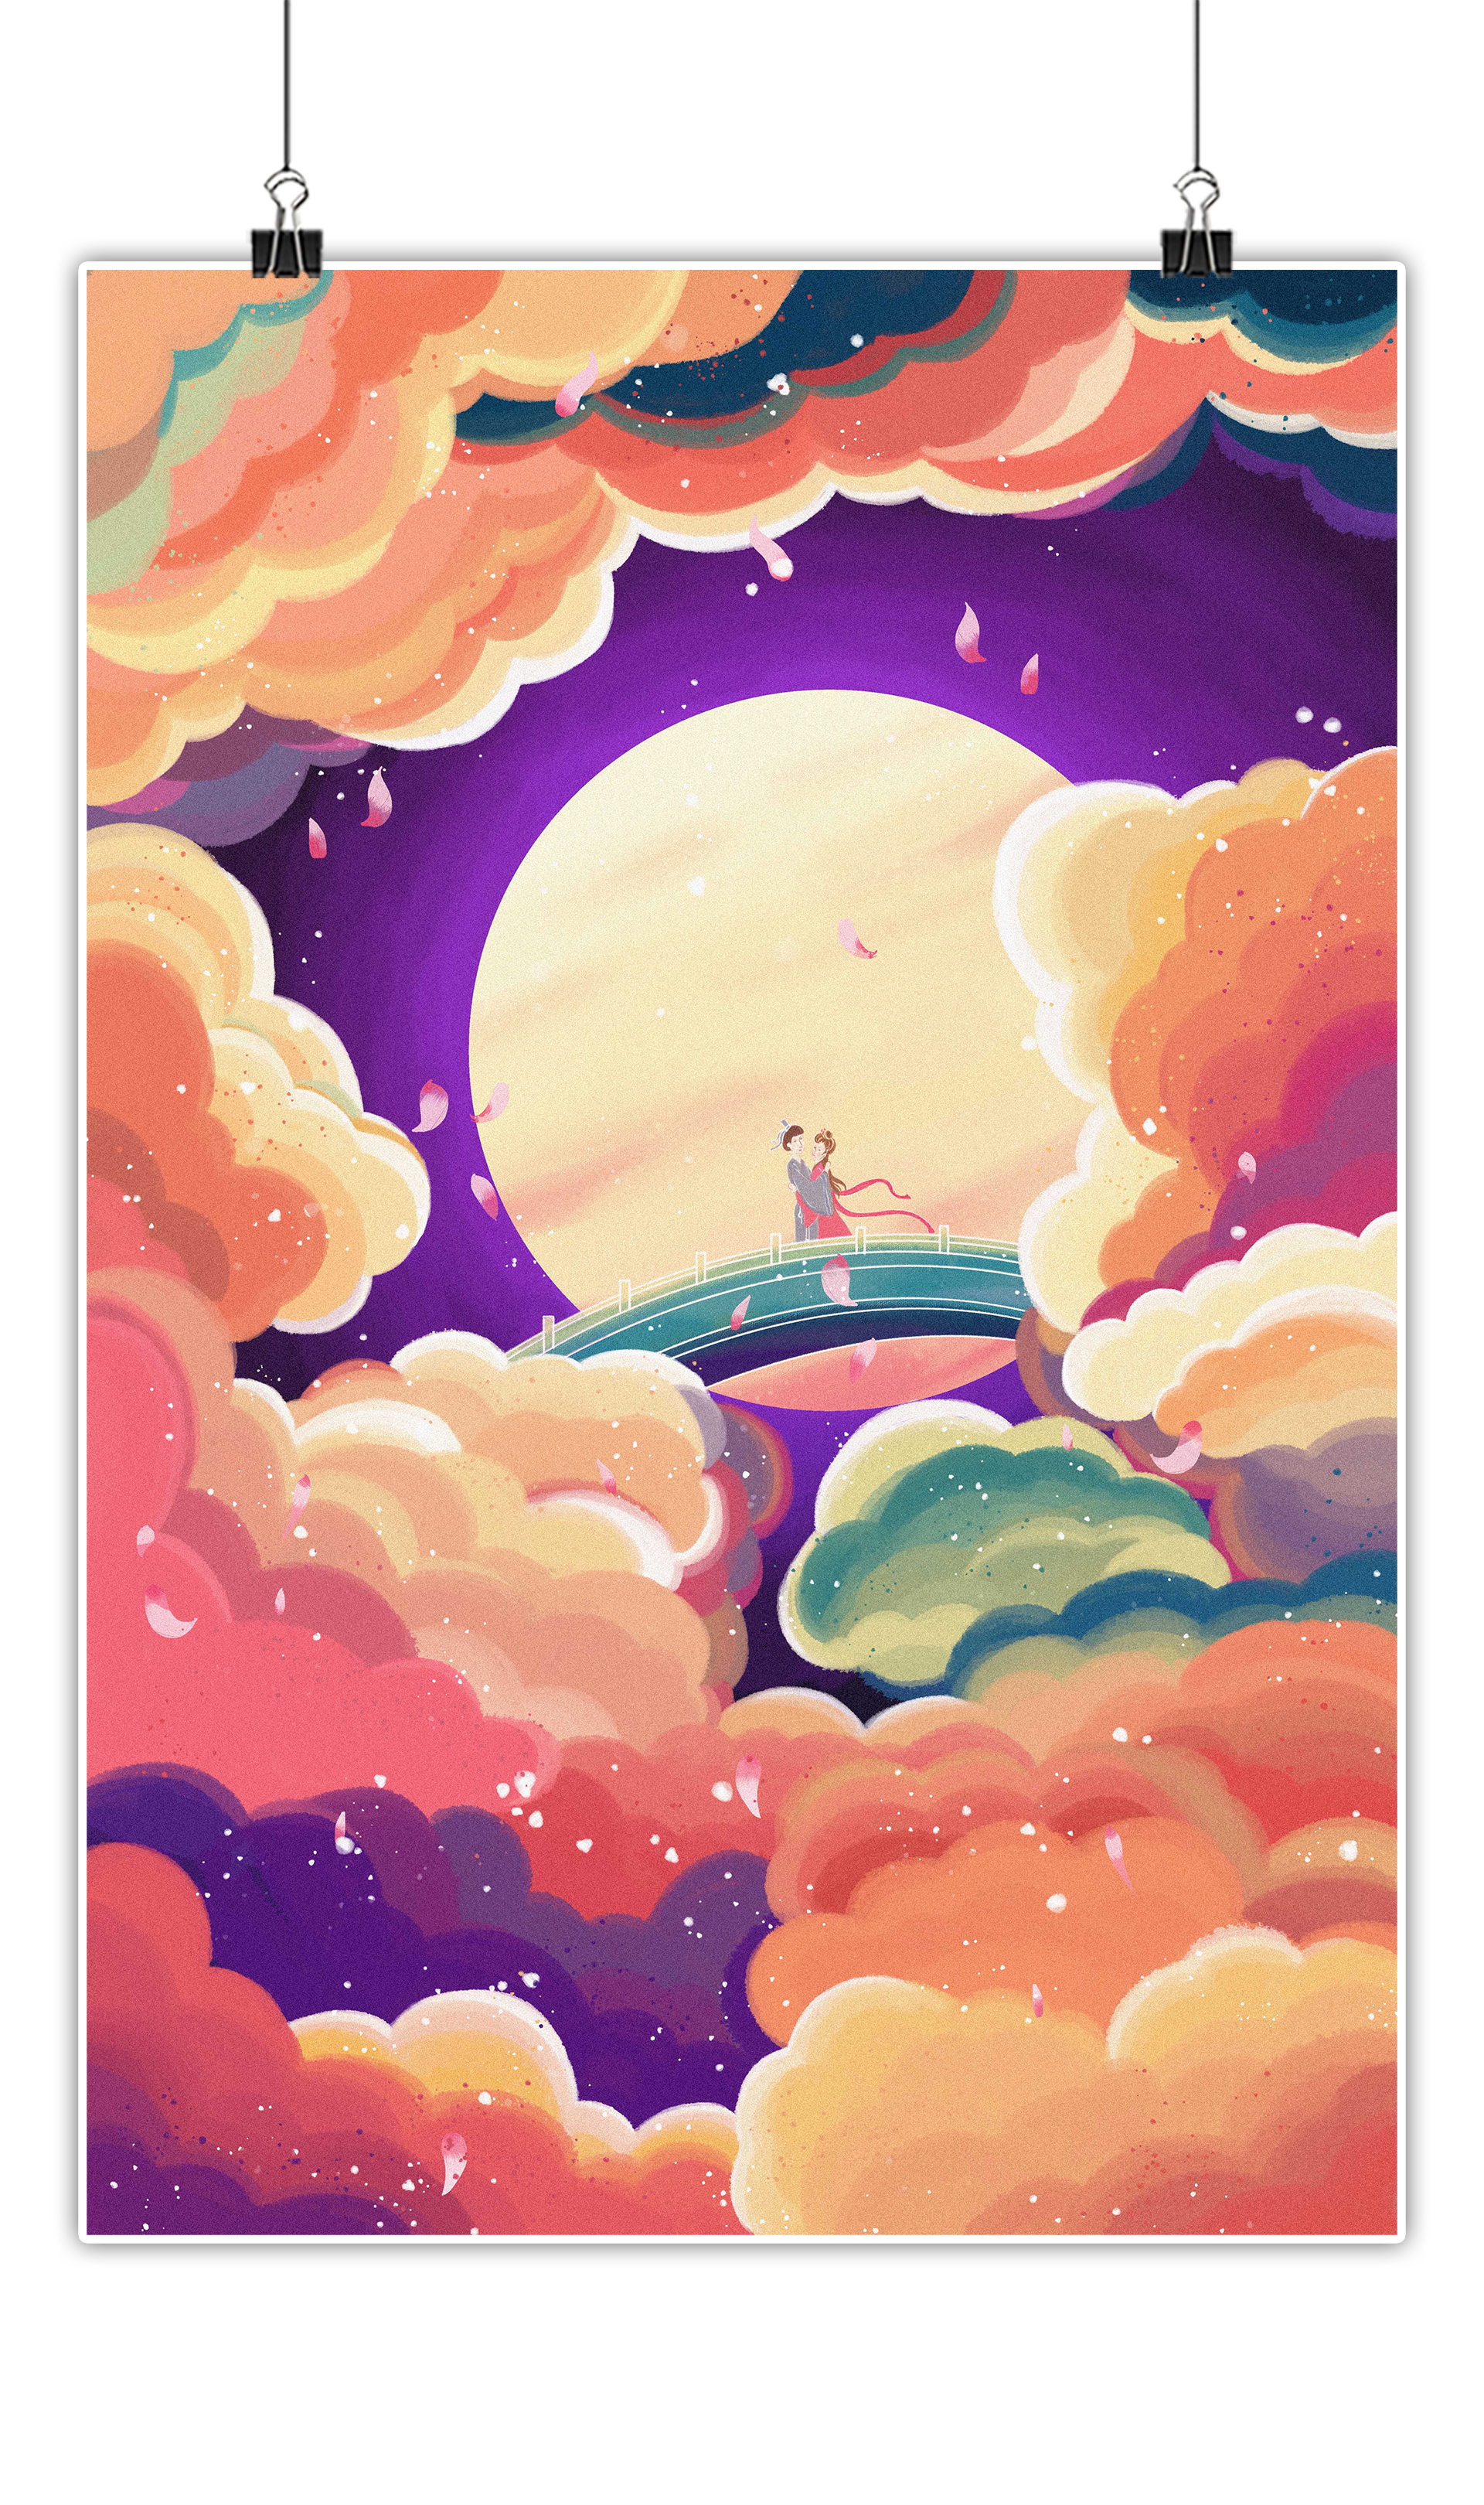 传统节日七夕节鹊桥相会插画